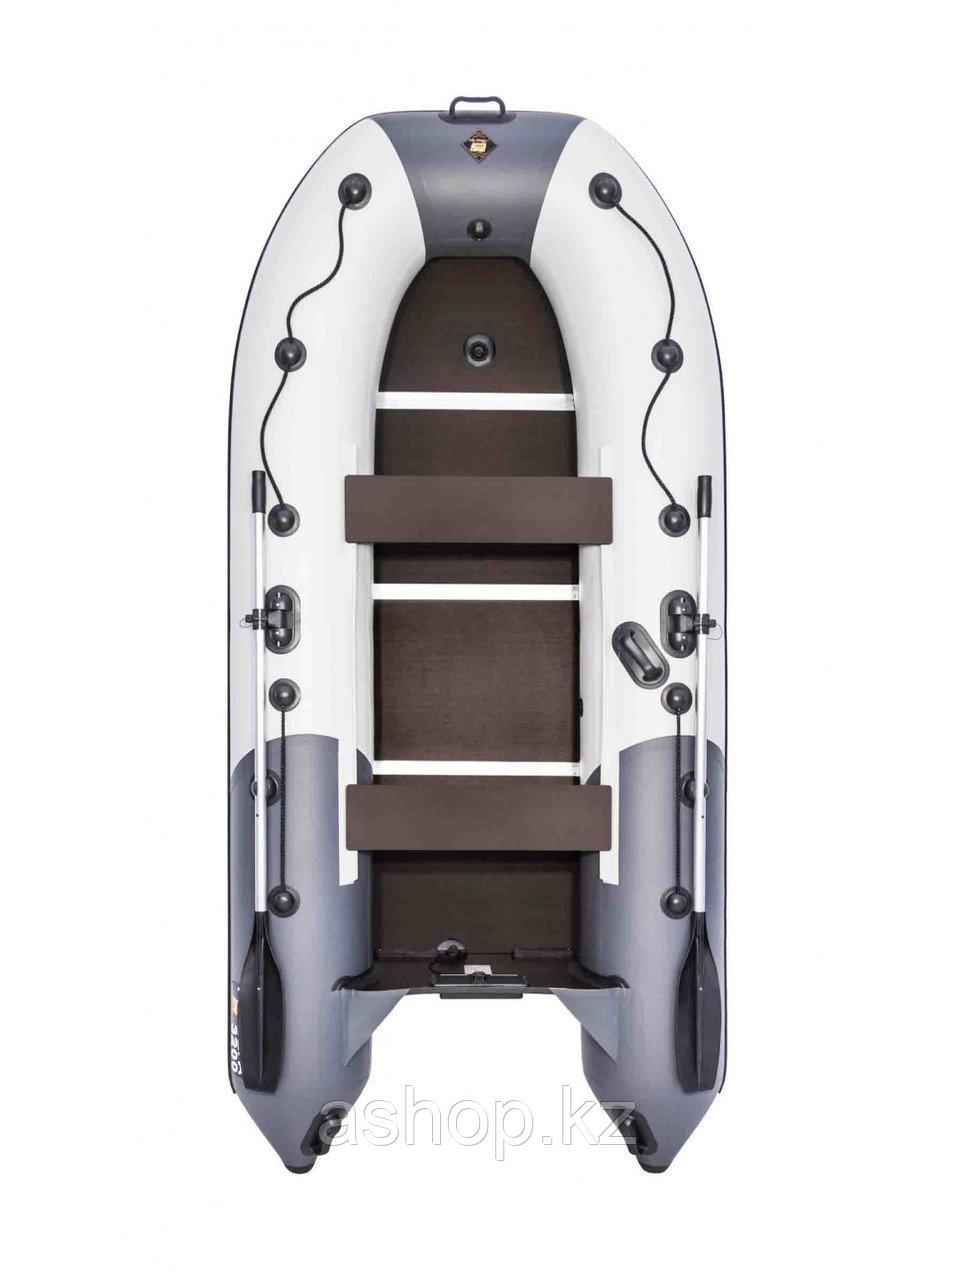 Лодка надувная моторно-гребная килевая Ривьера Компакт 3200 СК, Грузоподъемность: 500кг, Вместимость: 3 чел.,